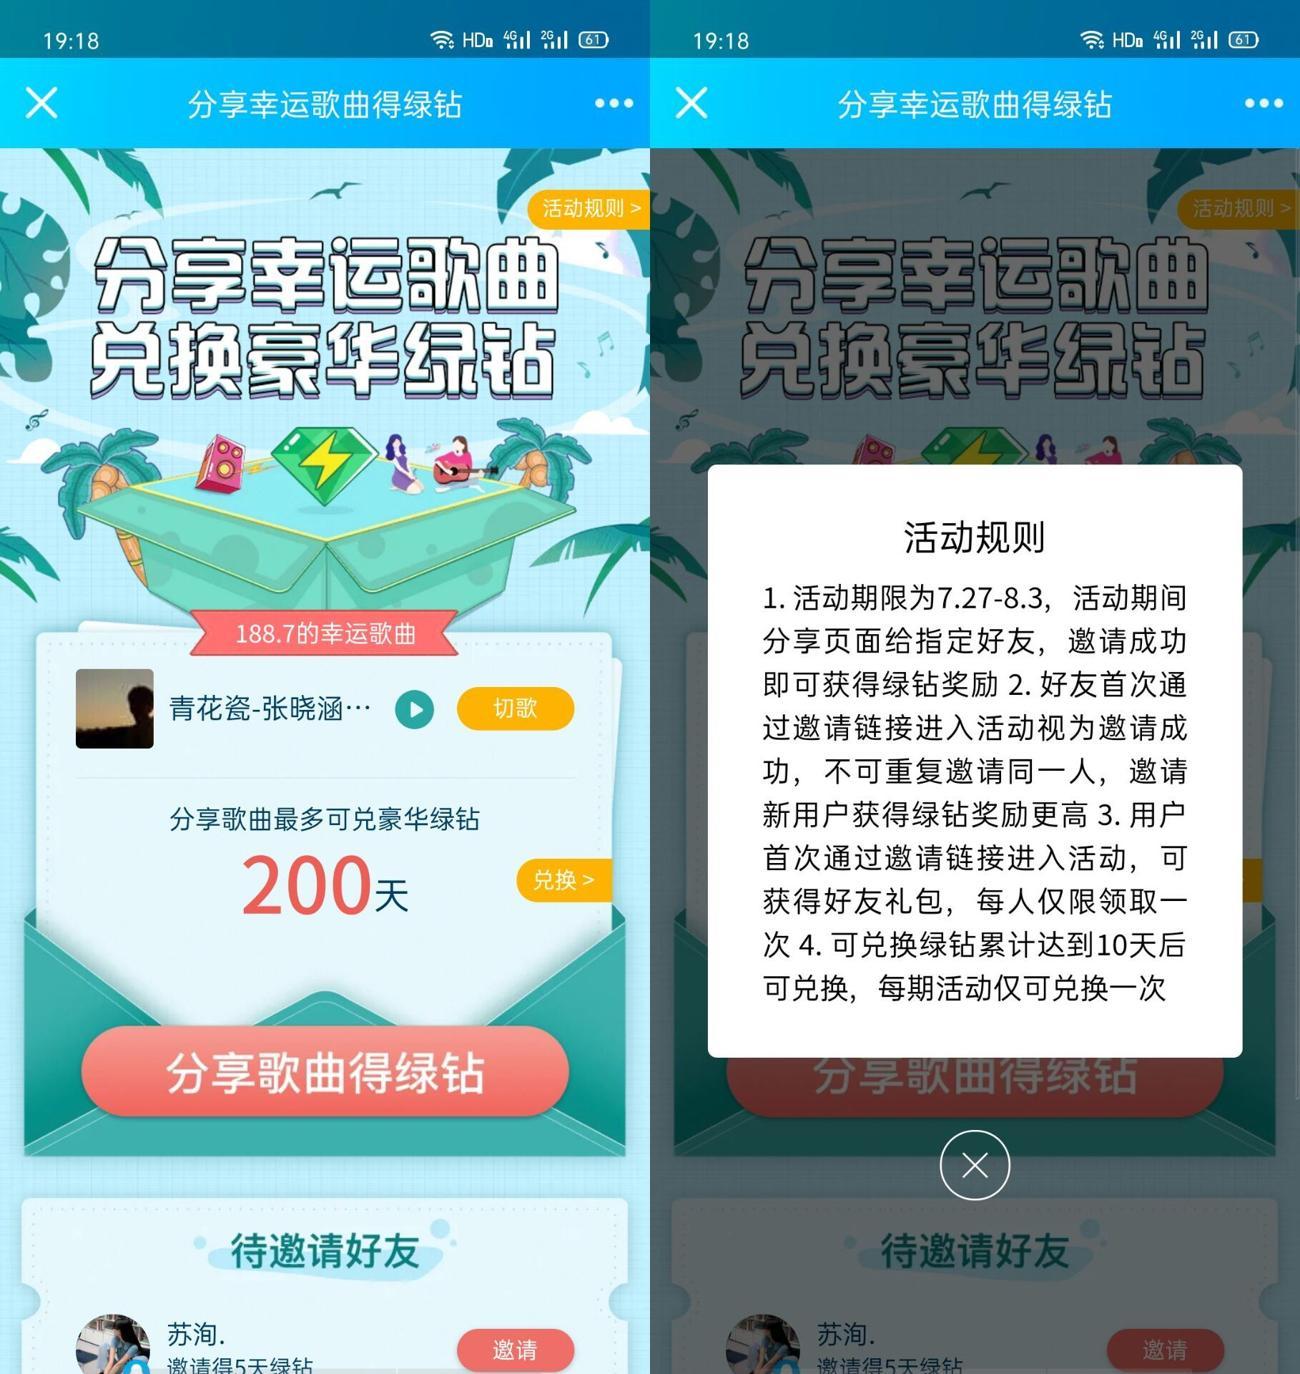 QQ音乐邀好友领取10天绿钻